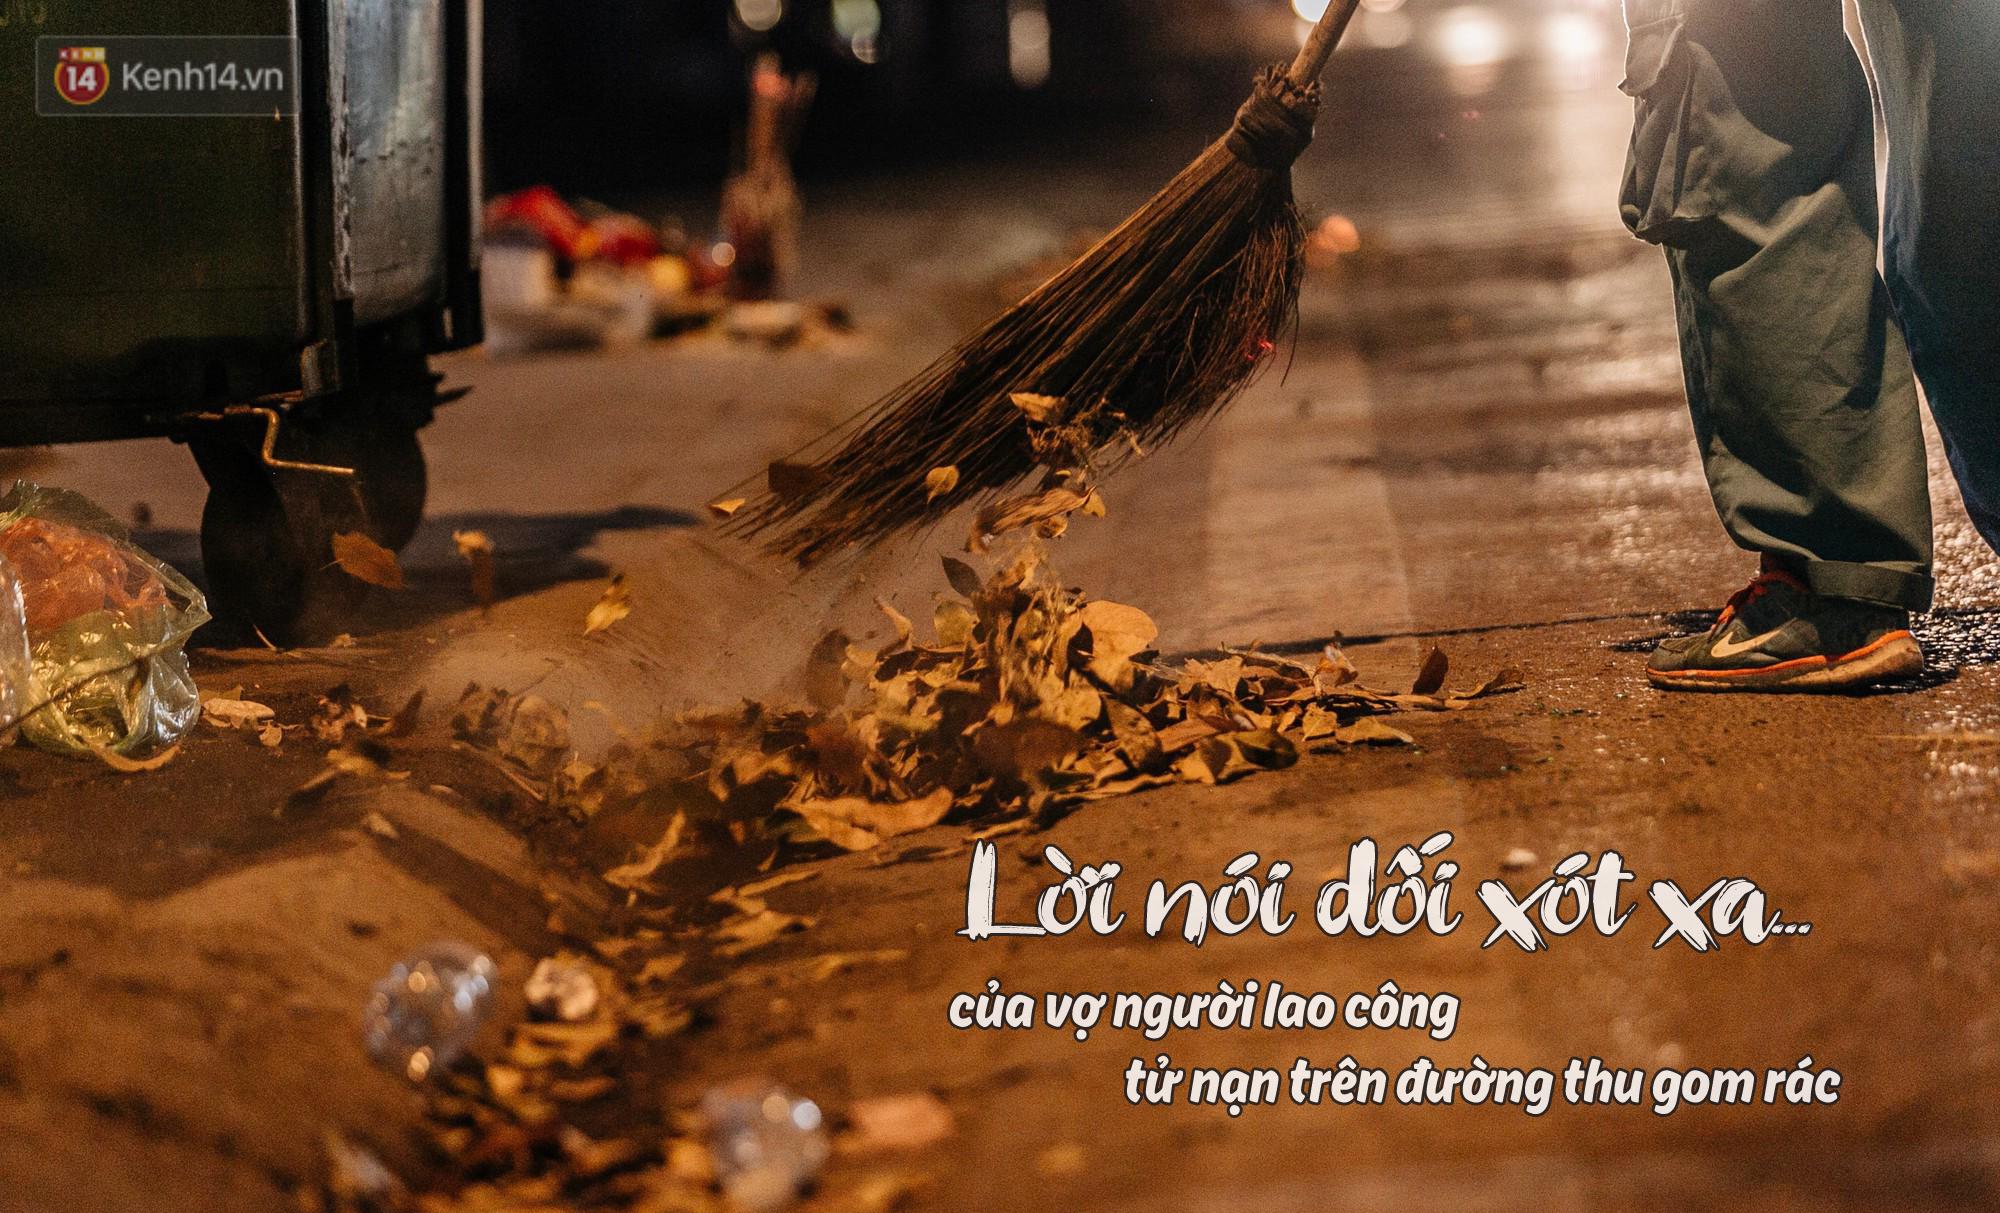 Đau thương phu rác: Lời nói dối xót xa của vợ người lao công không m